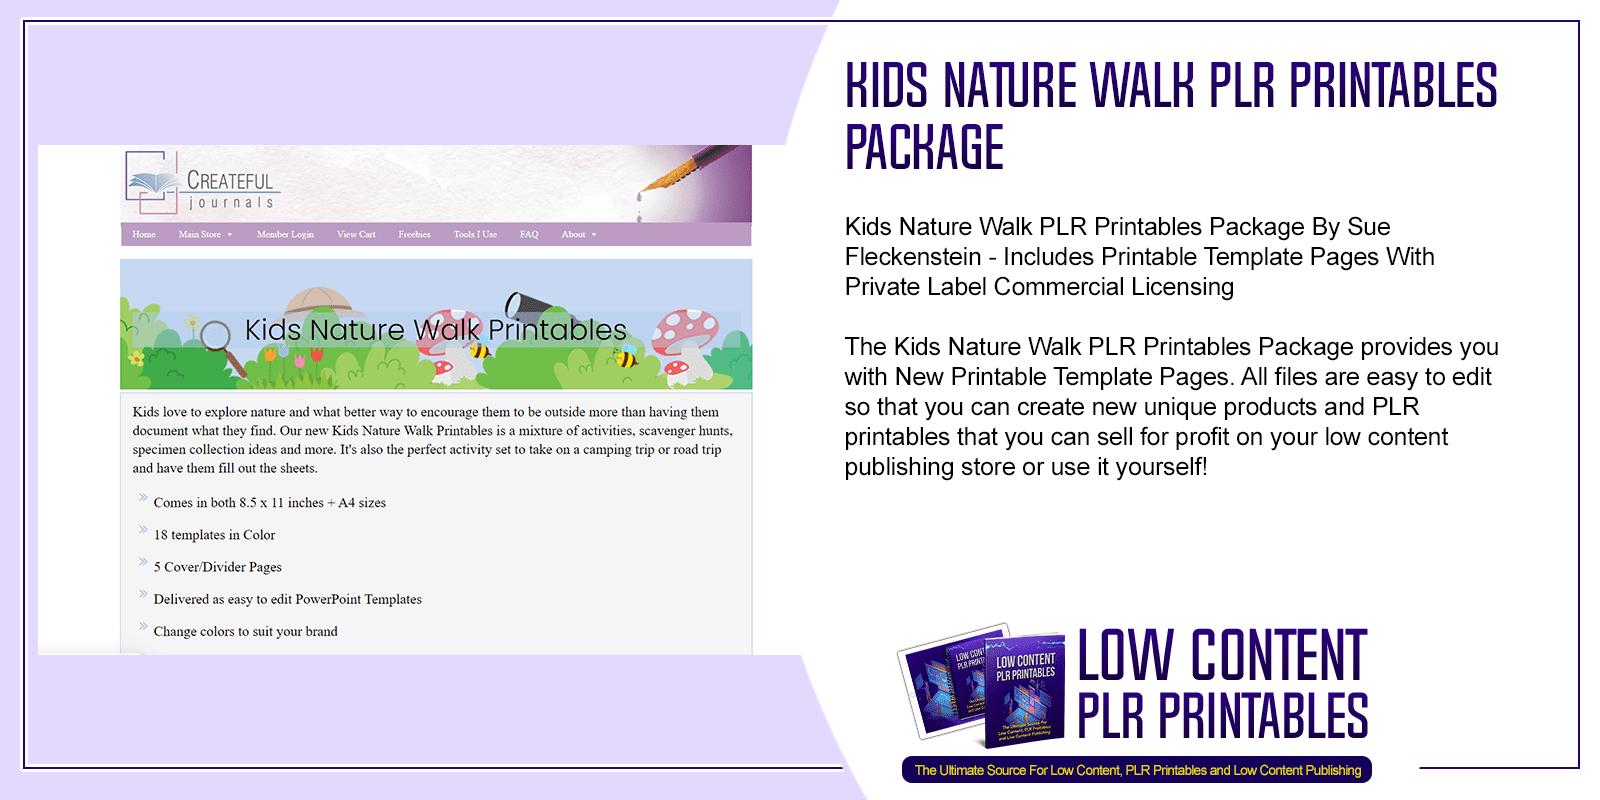 Kids Nature Walk PLR Printables Package